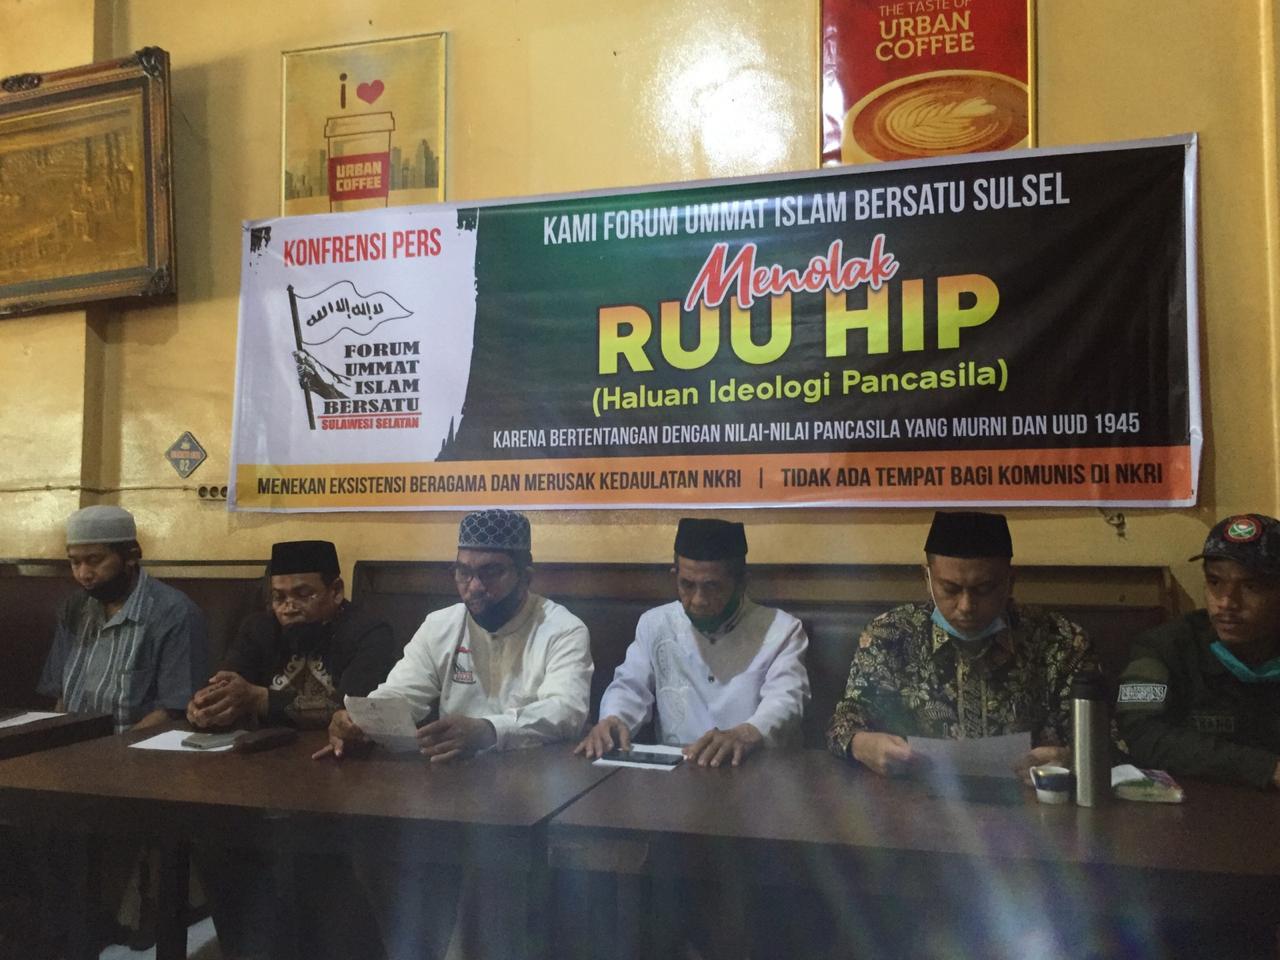 Tanggapi RUU HIP, Ini Pernyataan Sikap FUIB Sulawesi Selatan